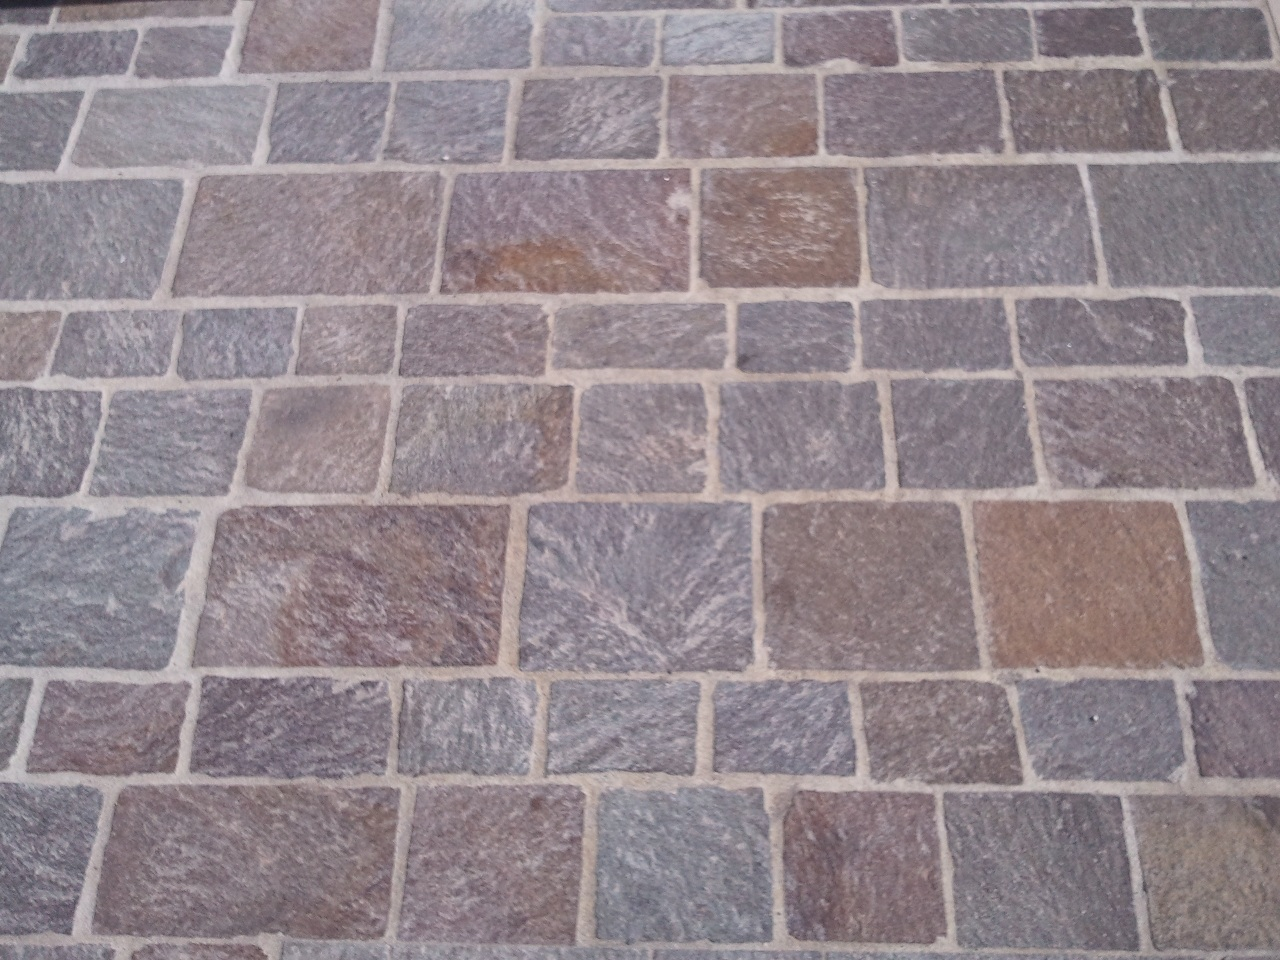 Zem enrico marmi prezzi sassi rivestimento muri super - Posa a correre piastrelle ...